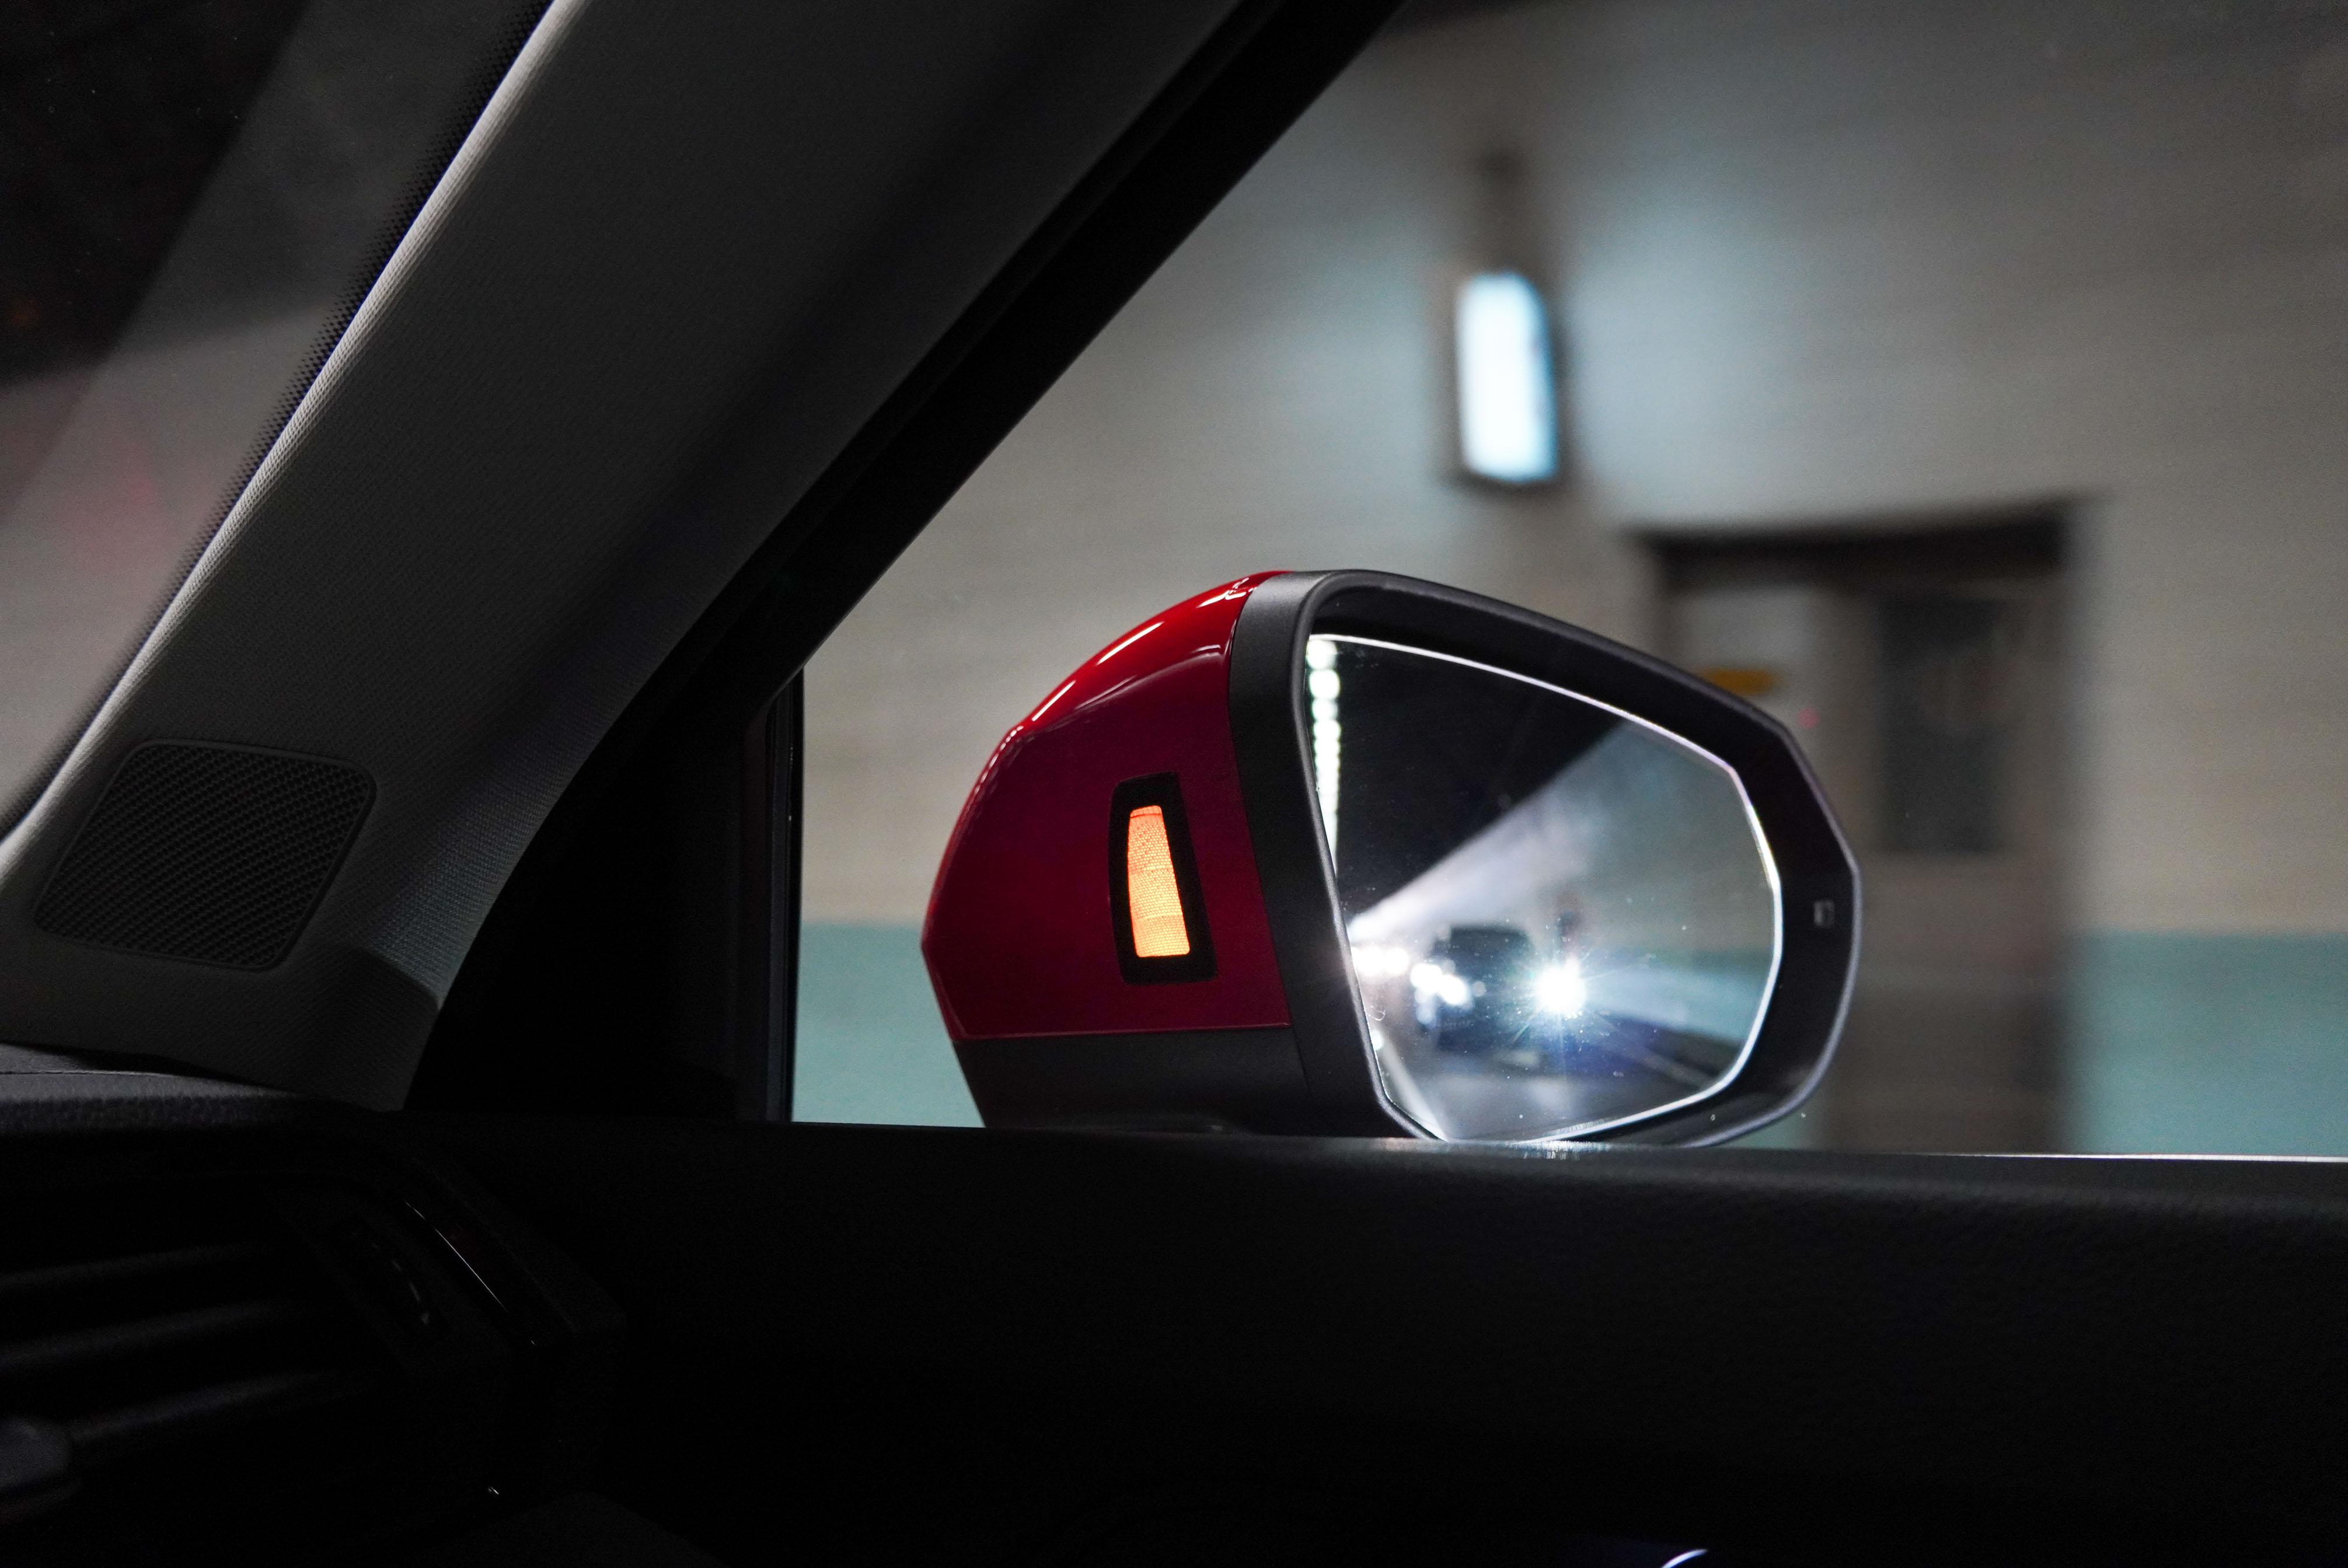 盲點偵測警示燈位於後視鏡內側。